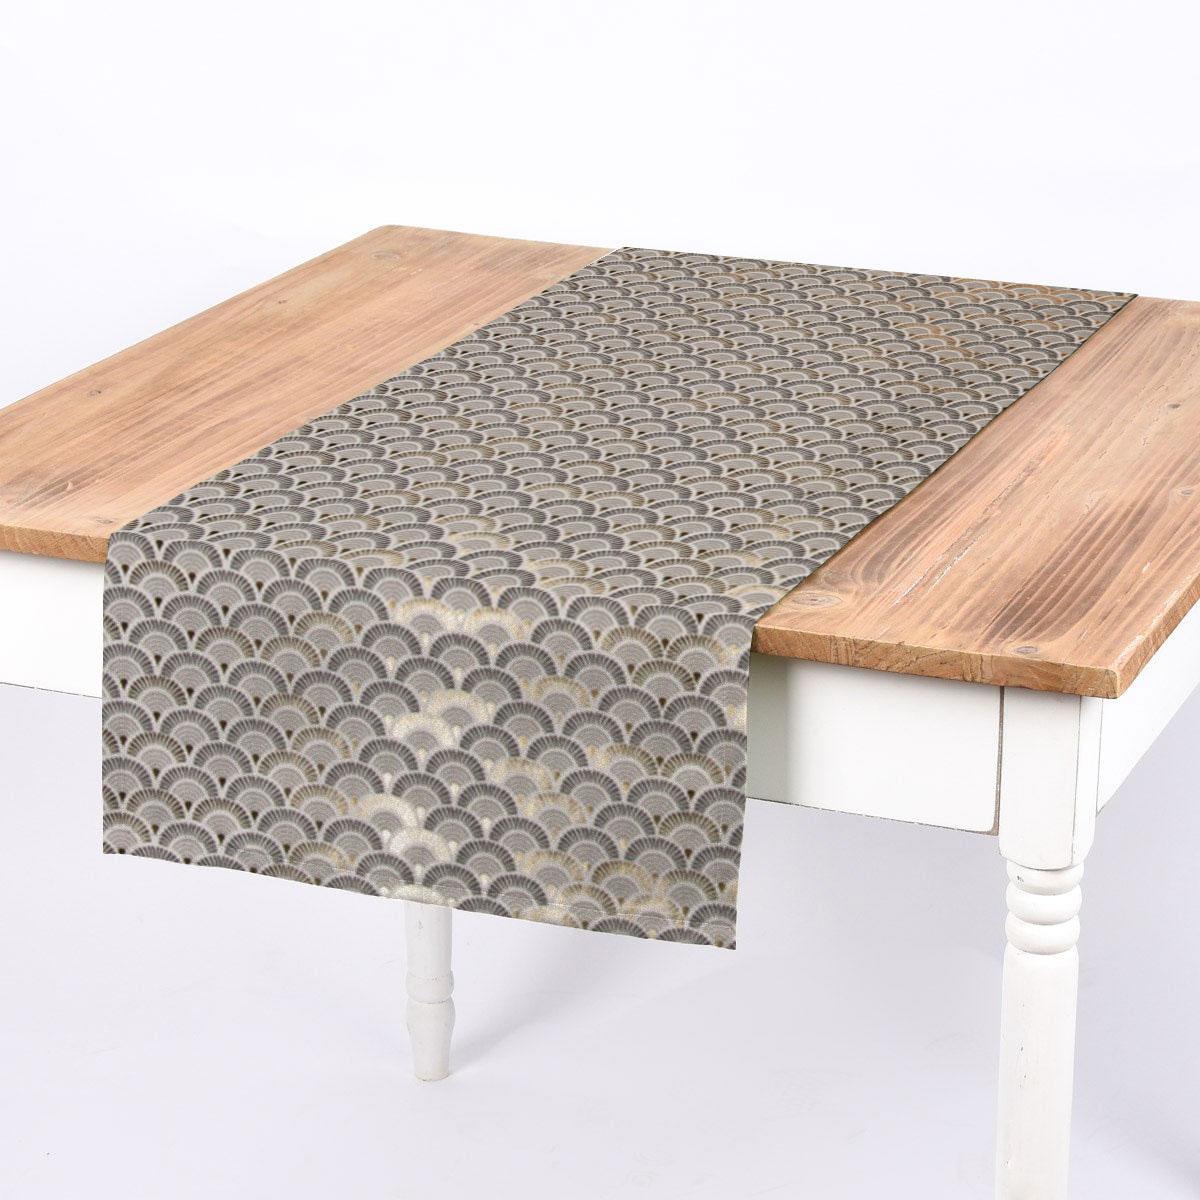 SCHÖNER LEBEN. Tischläufer Art Déco Fächer weiß anthrazit grau goldfarbig 40x160cm